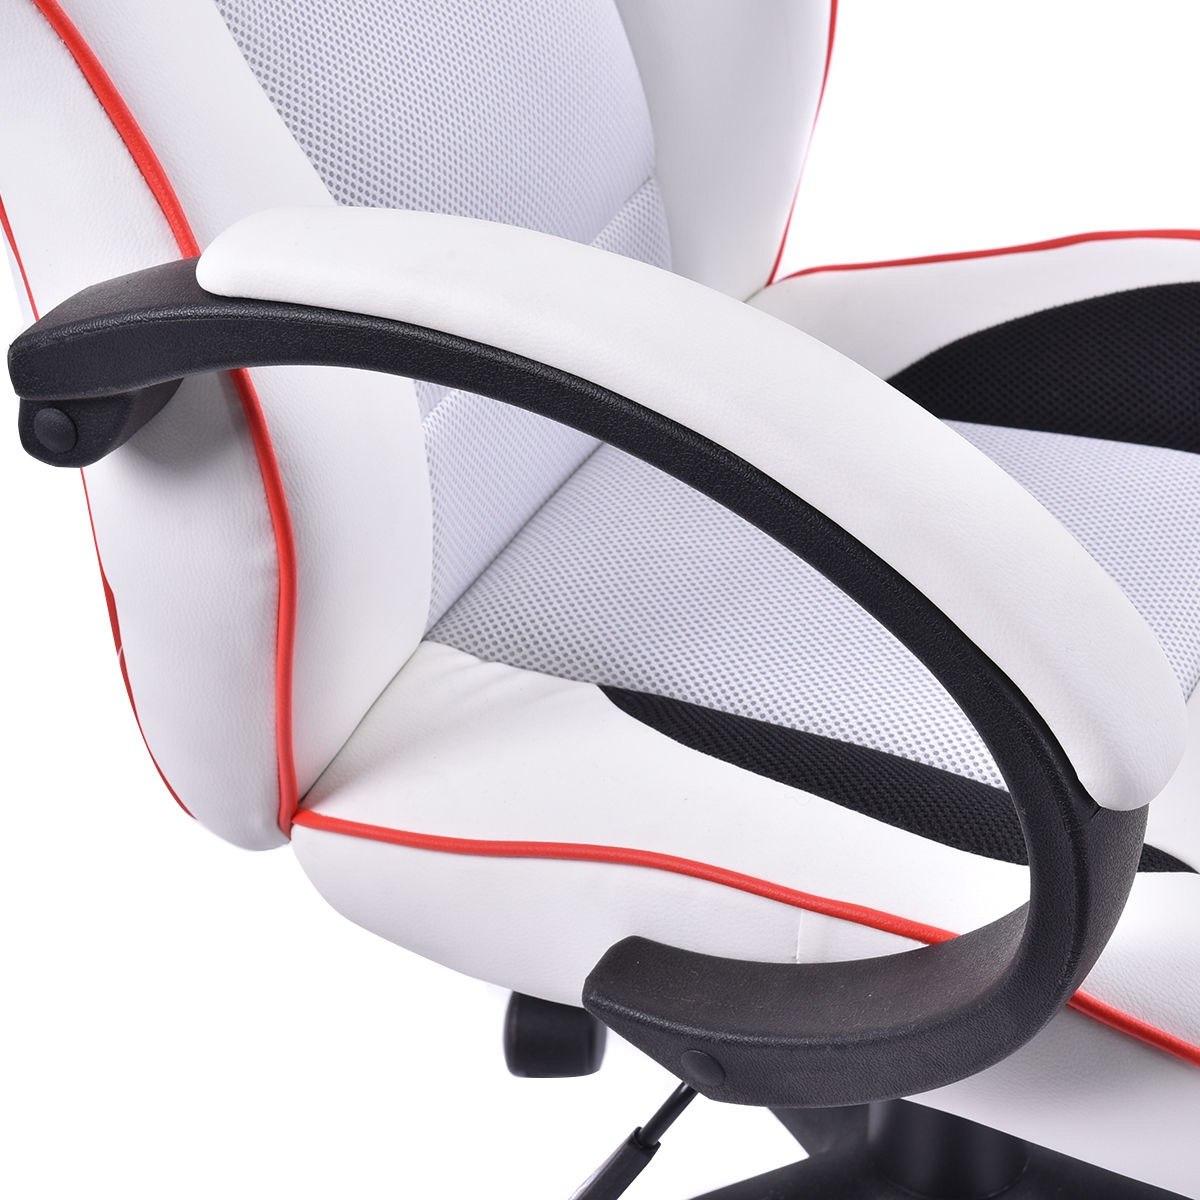 Silla de escritorio gamers juegos deportiva env o for Precio de sillas para escritorio